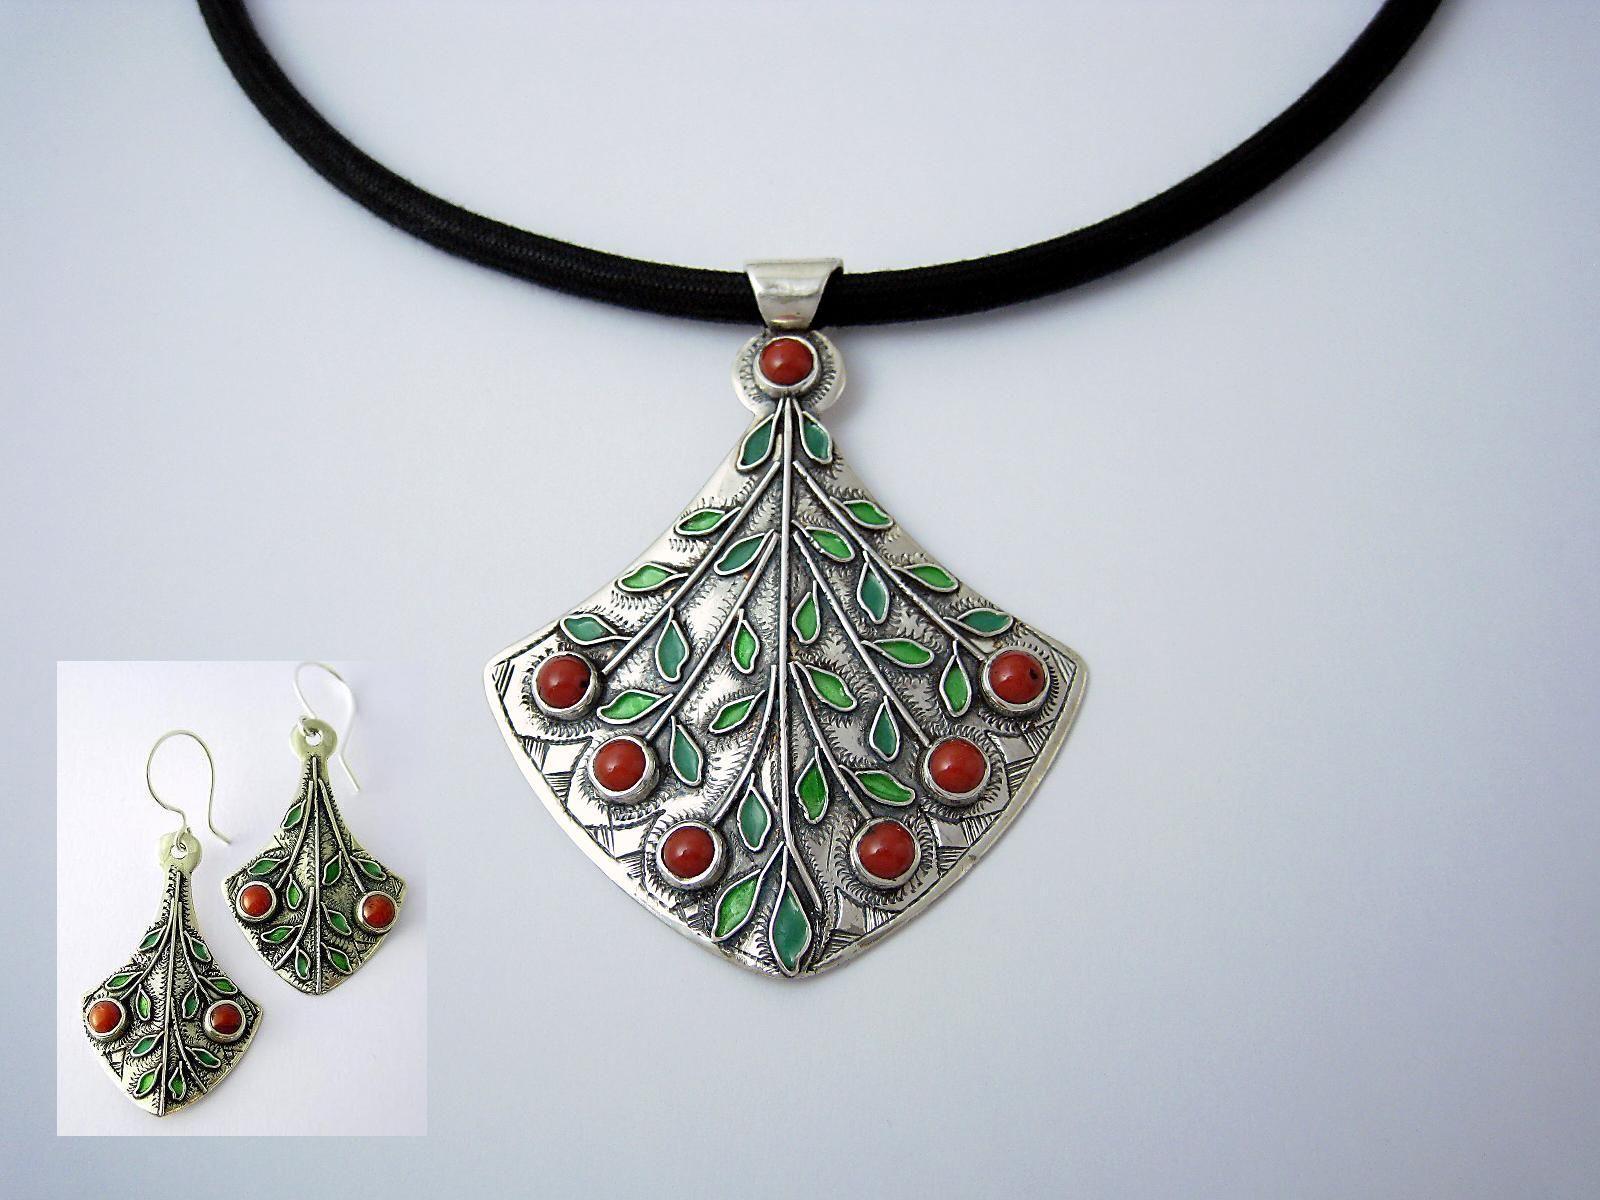 Artisanat traditionnel d\'Algérie, poterie, bijoux,maroquinerie ...